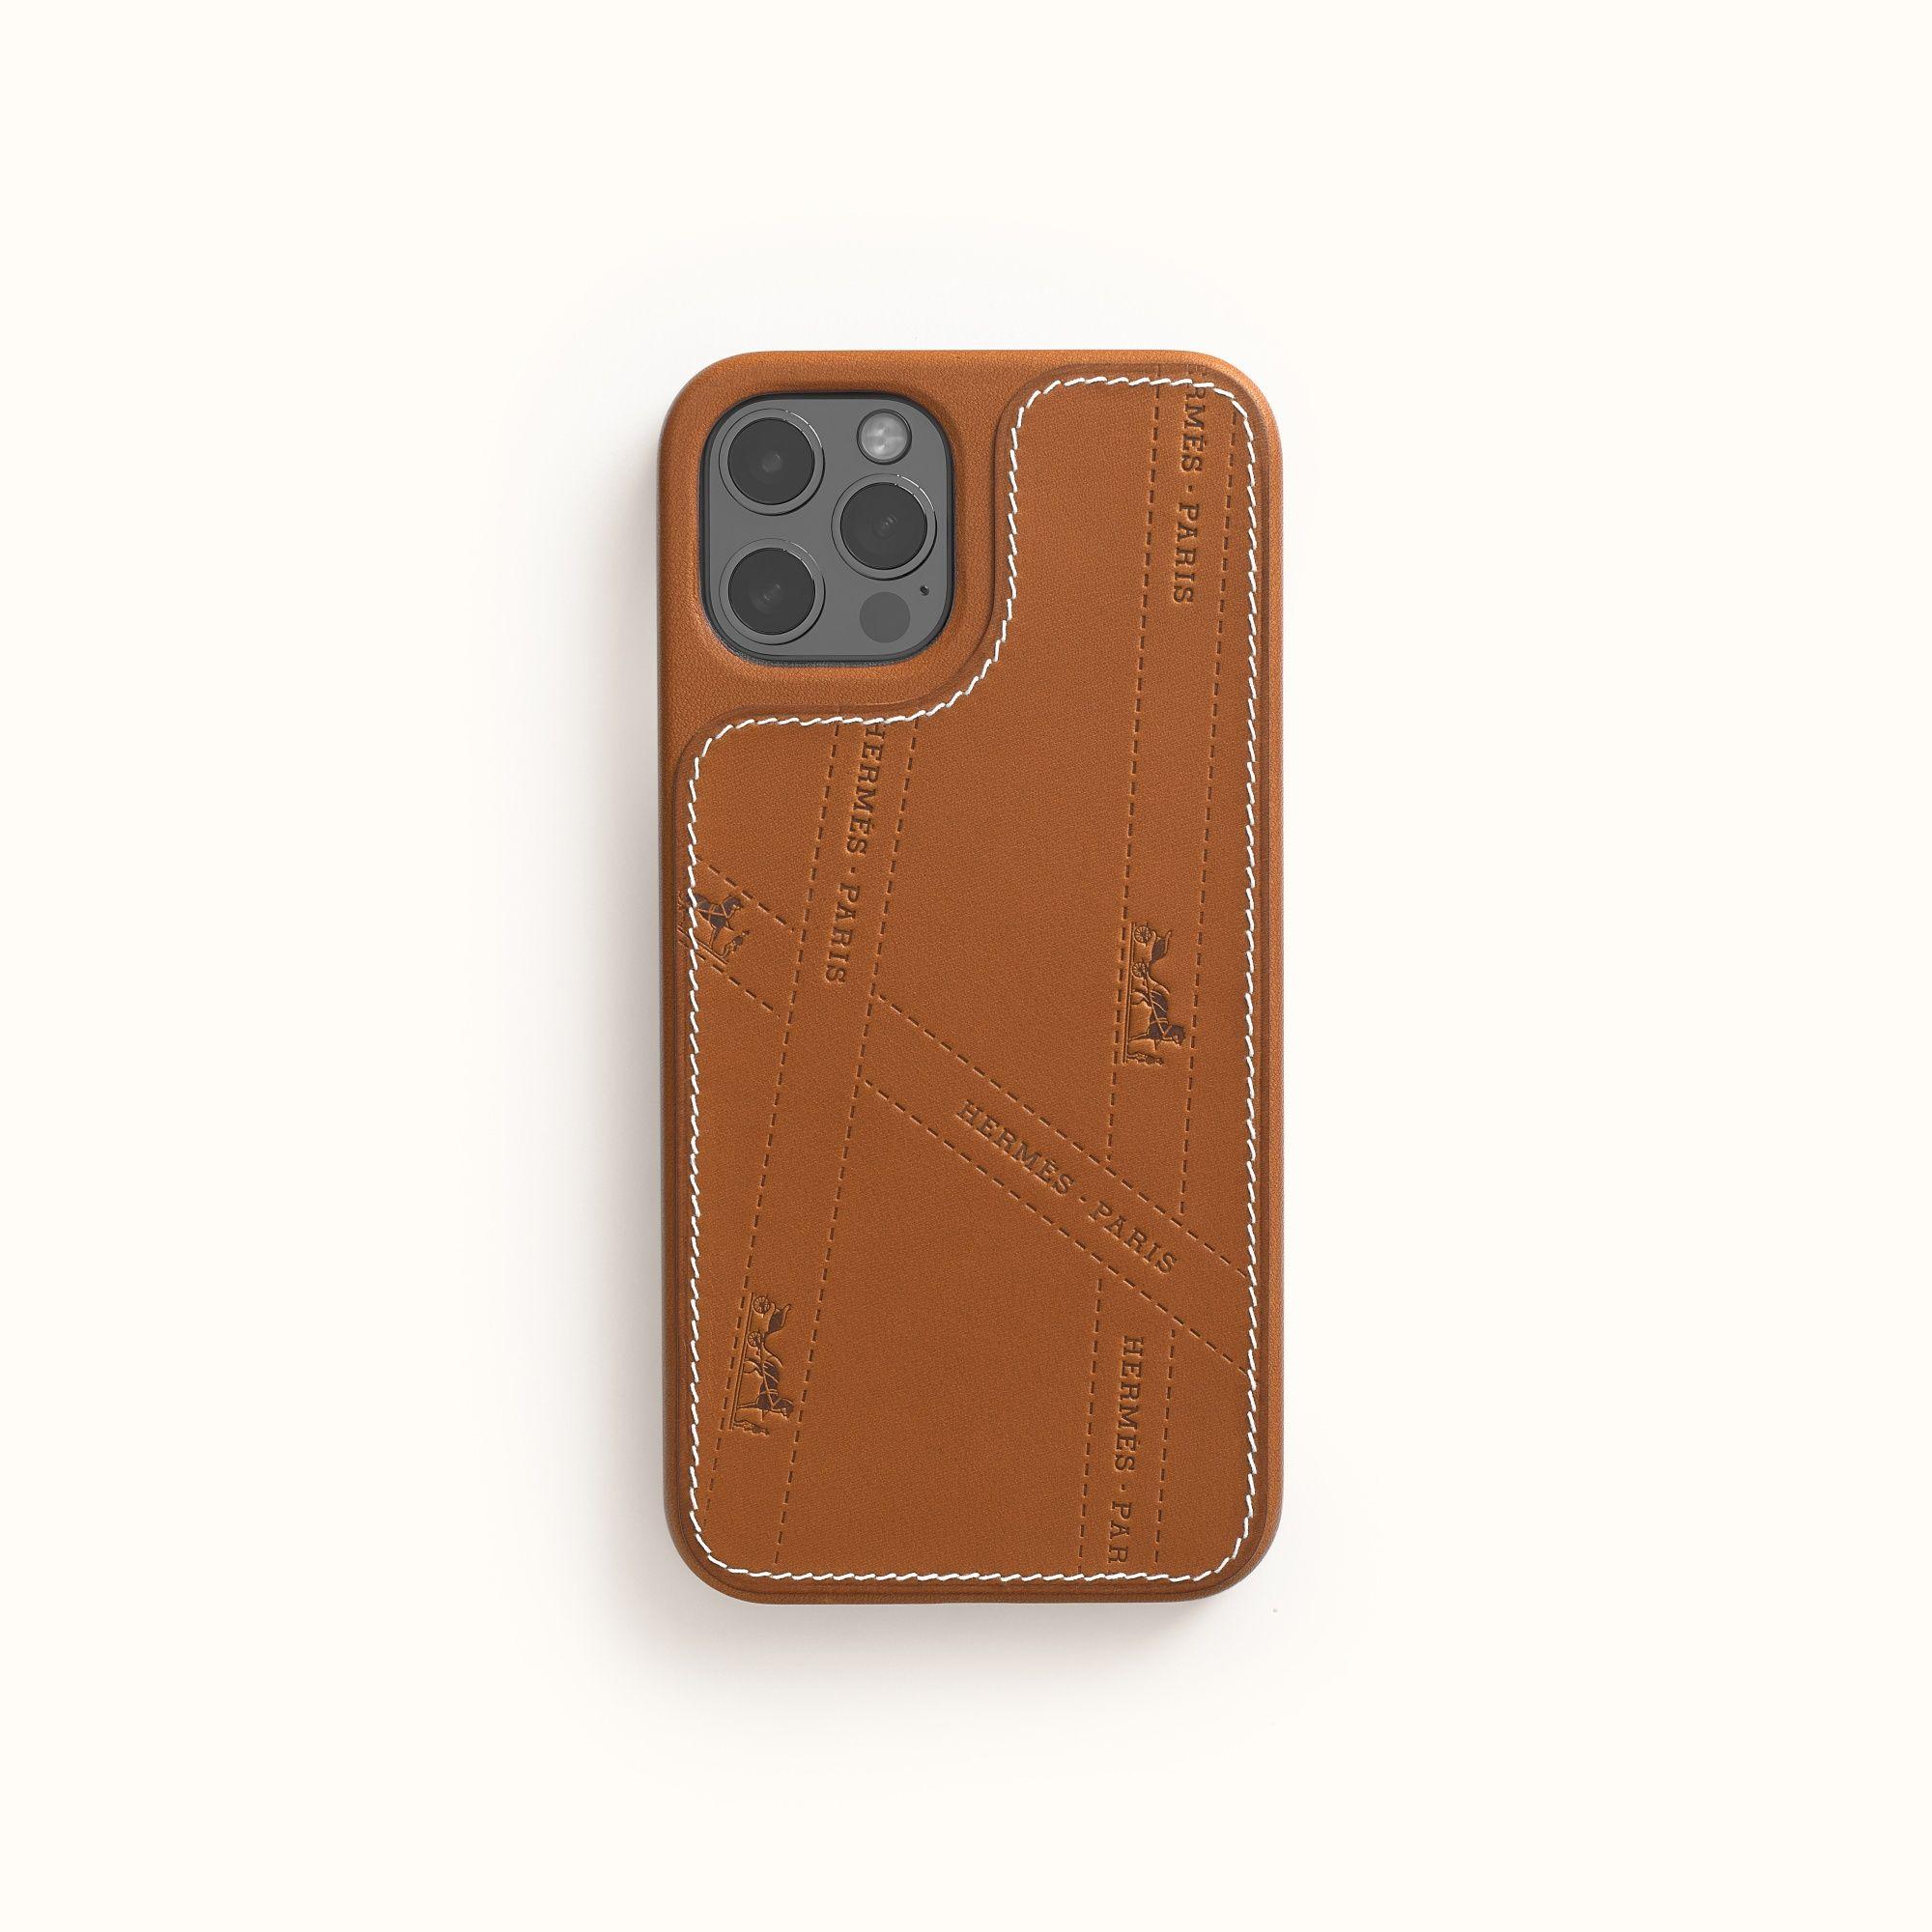 Iphone 12 or Iphone 12 pro 系列愛馬仕 Bolduc 圖紋 Barénia 小牛皮手機保護殼,建議售價 NT$16,050